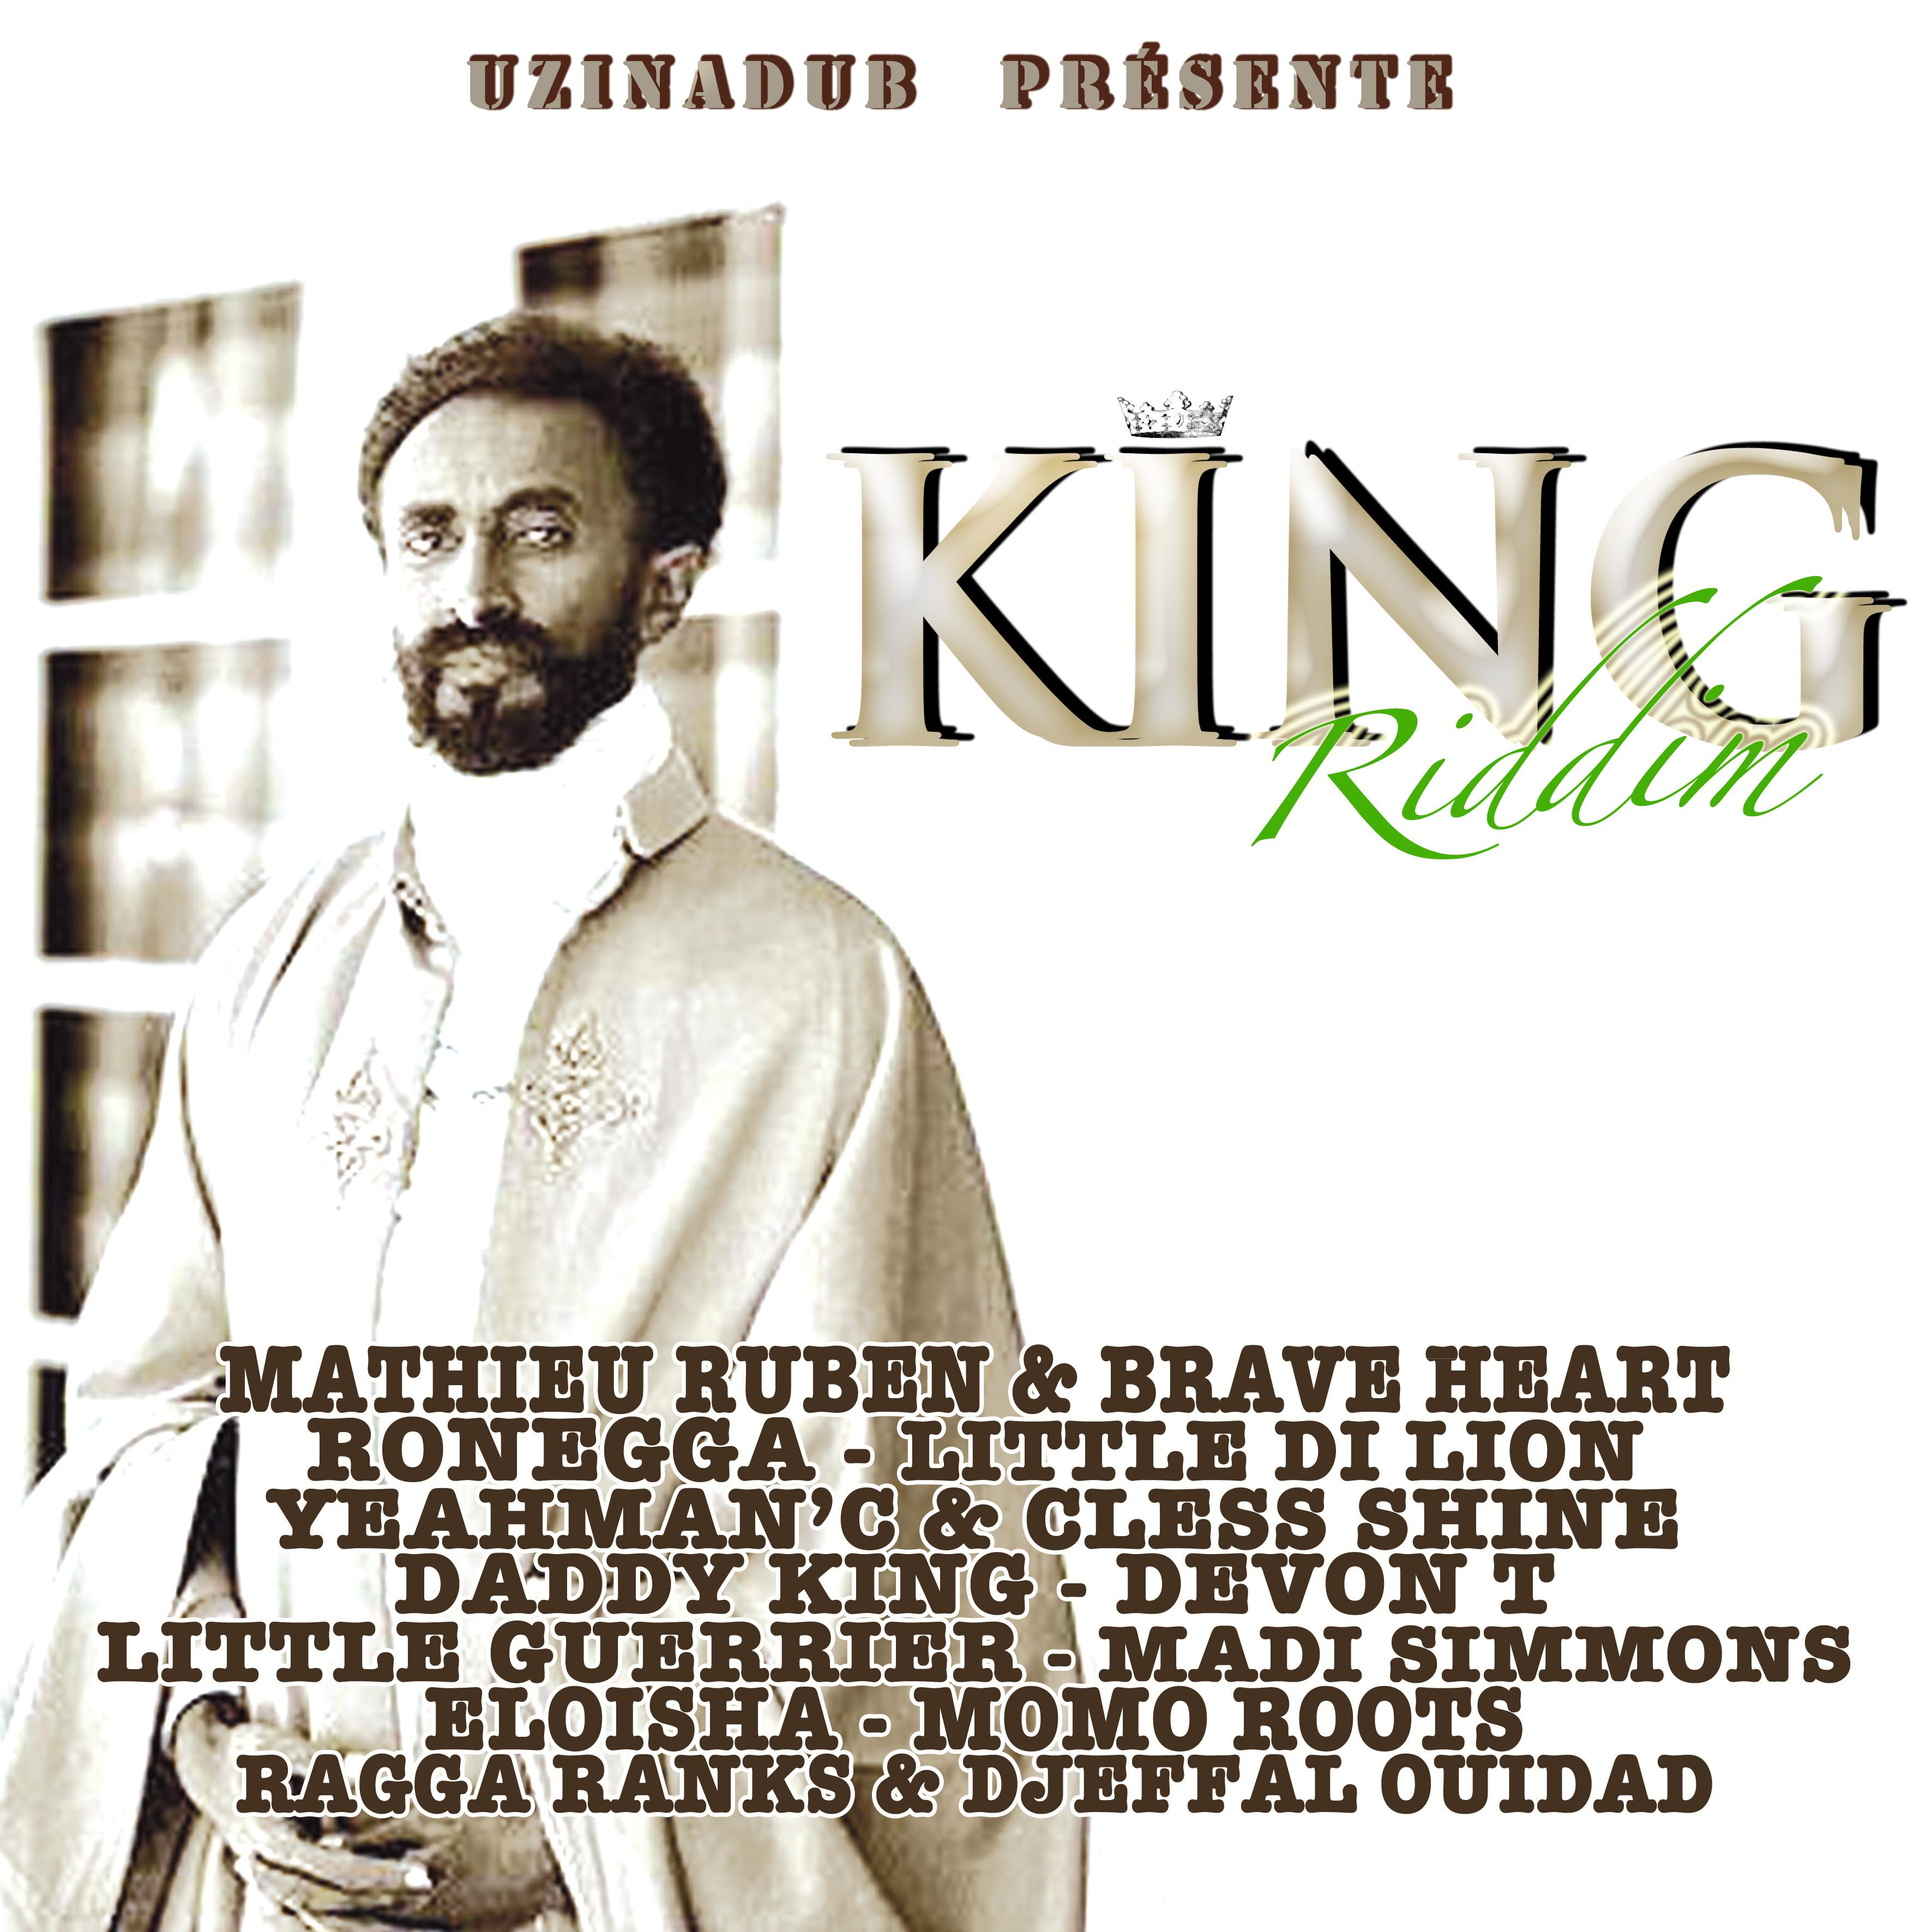 King riddim